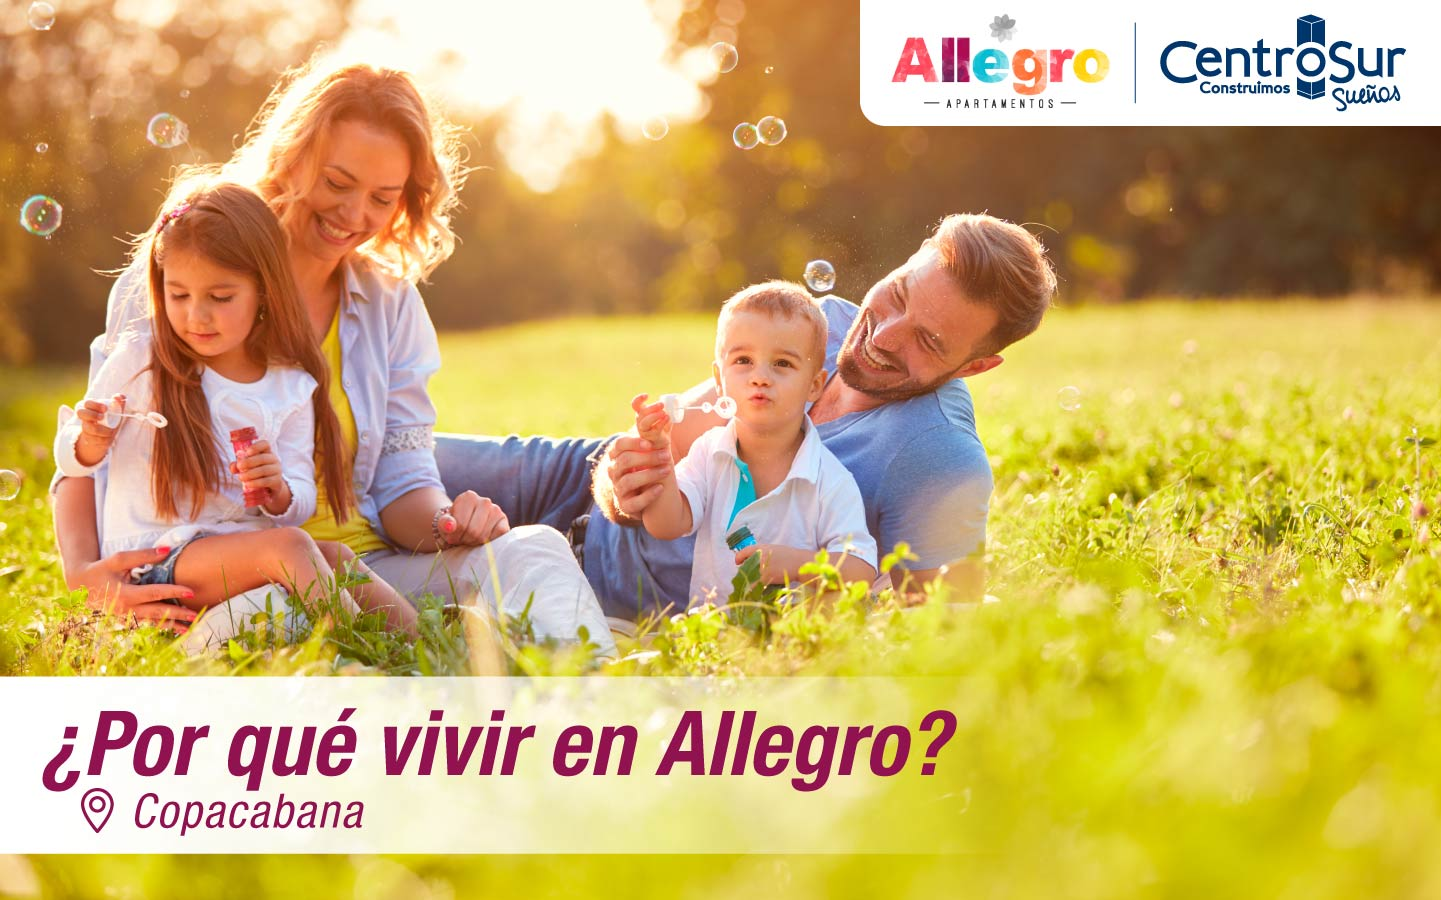 NUEVO LANZAMIENTO: Allegro: Un sueño hecho realidad